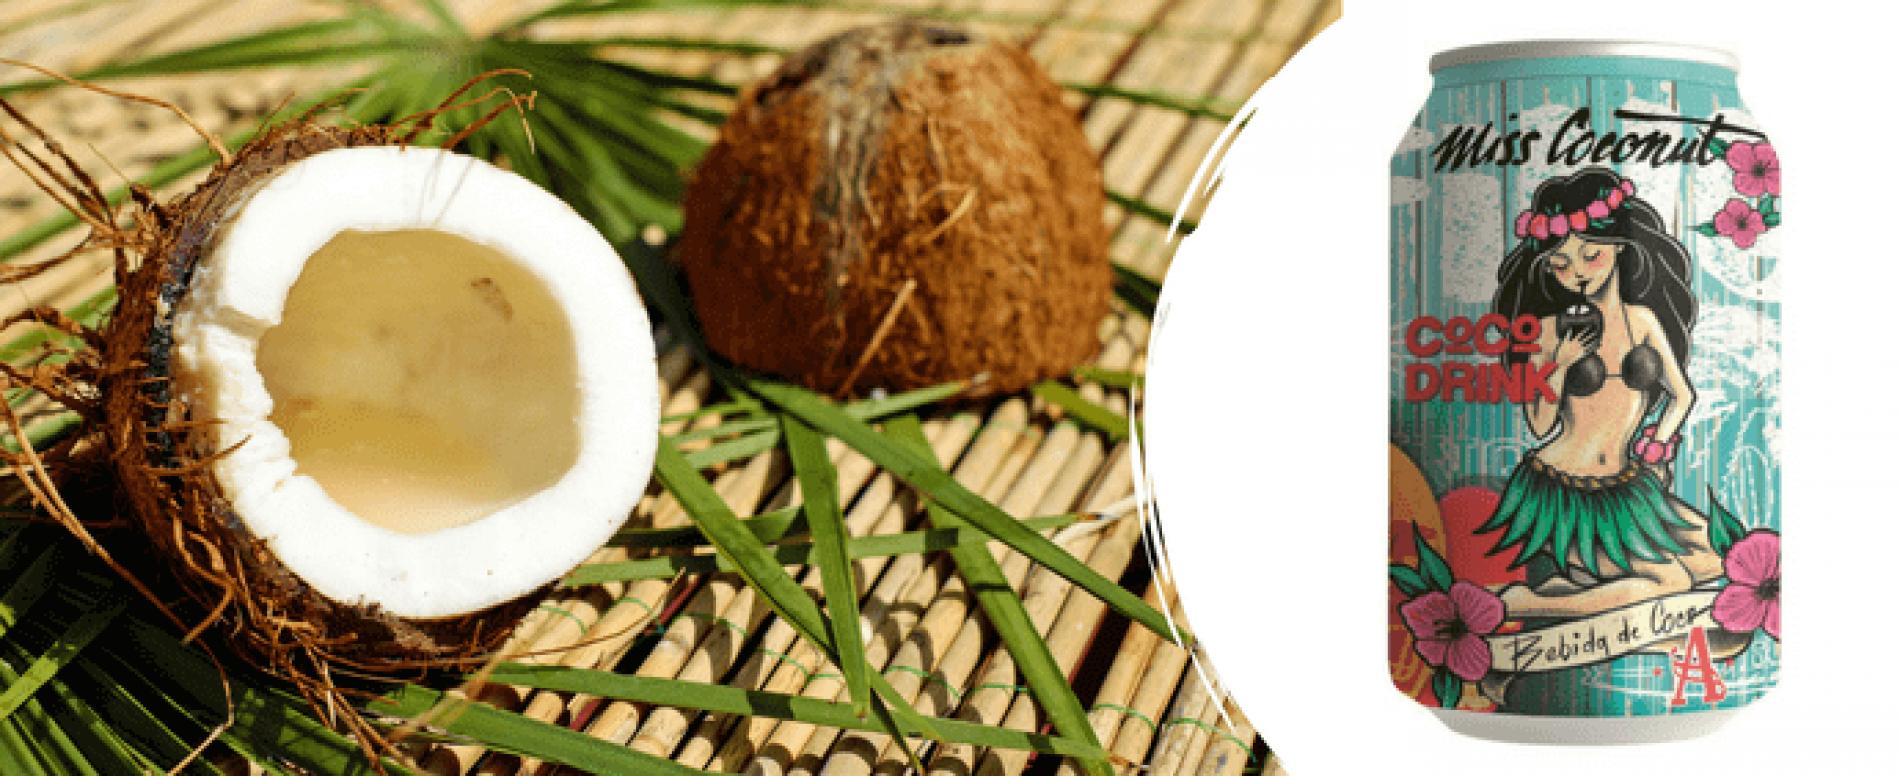 Miss Coconut: la bevanda estiva rinfrescante al latte di cocco